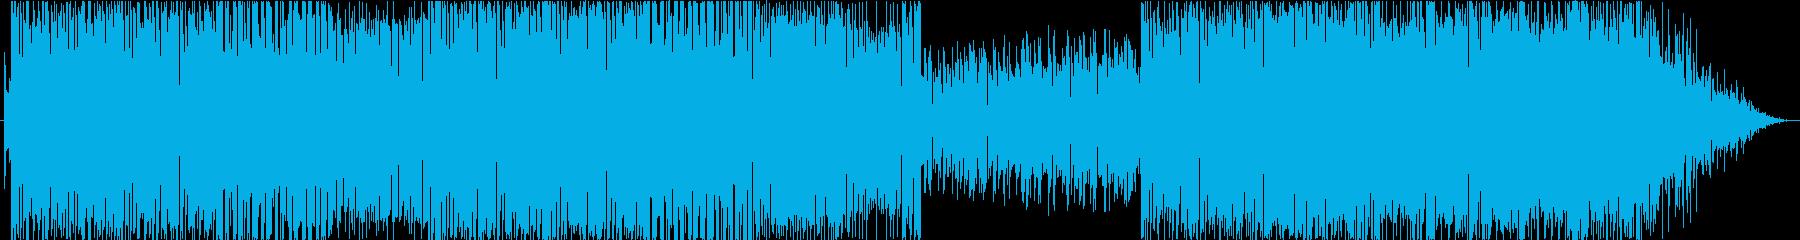 Bメロが印象的なインストです。の再生済みの波形